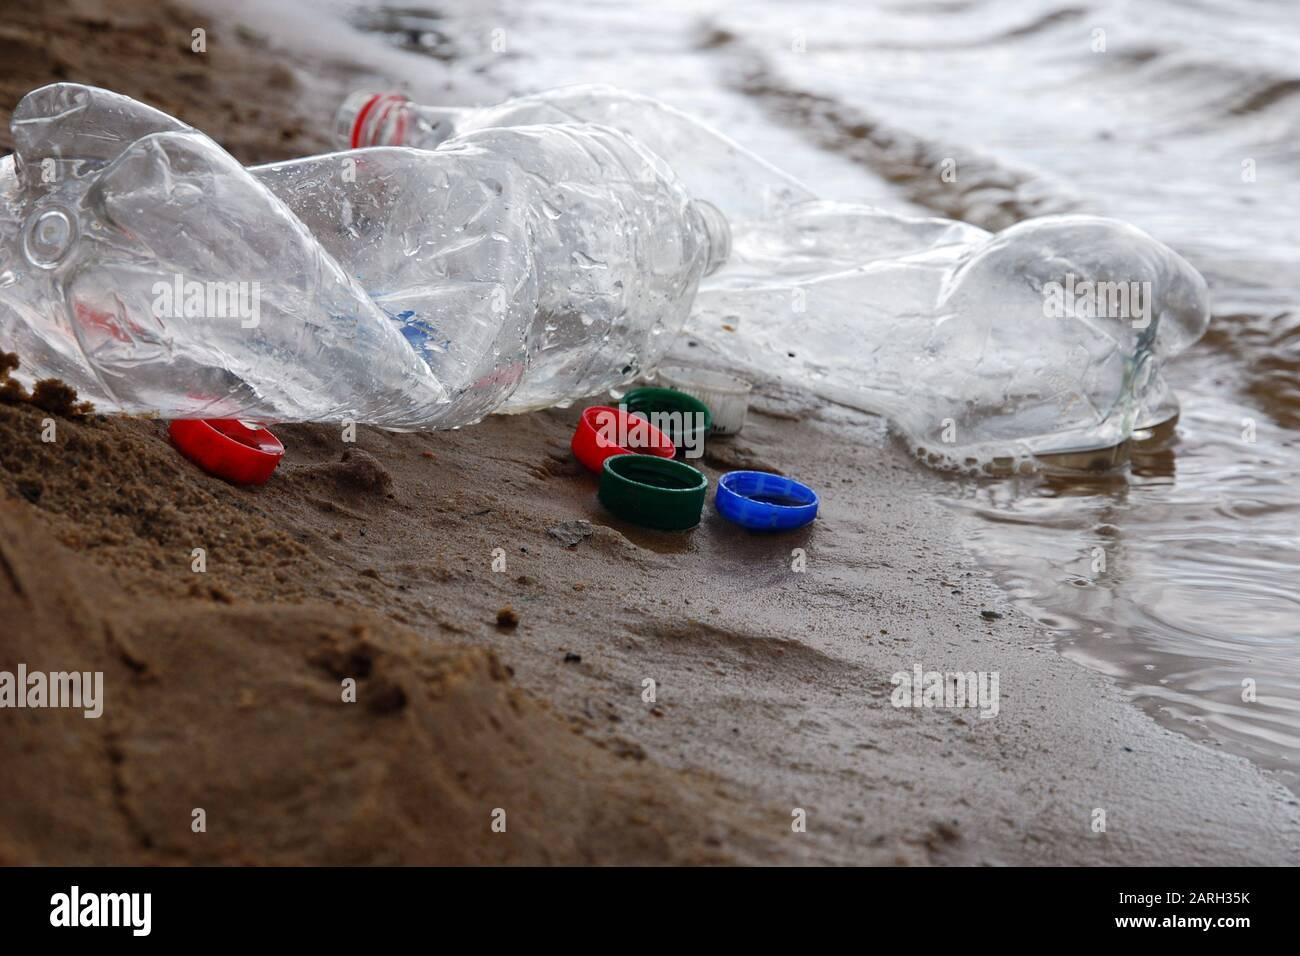 Déchets de plastique laissés par les campeurs au bord de la rivière ou du lac, bouteilles et bouchons de bouteilles en plastique sur le sable dans l'eau de près Banque D'Images